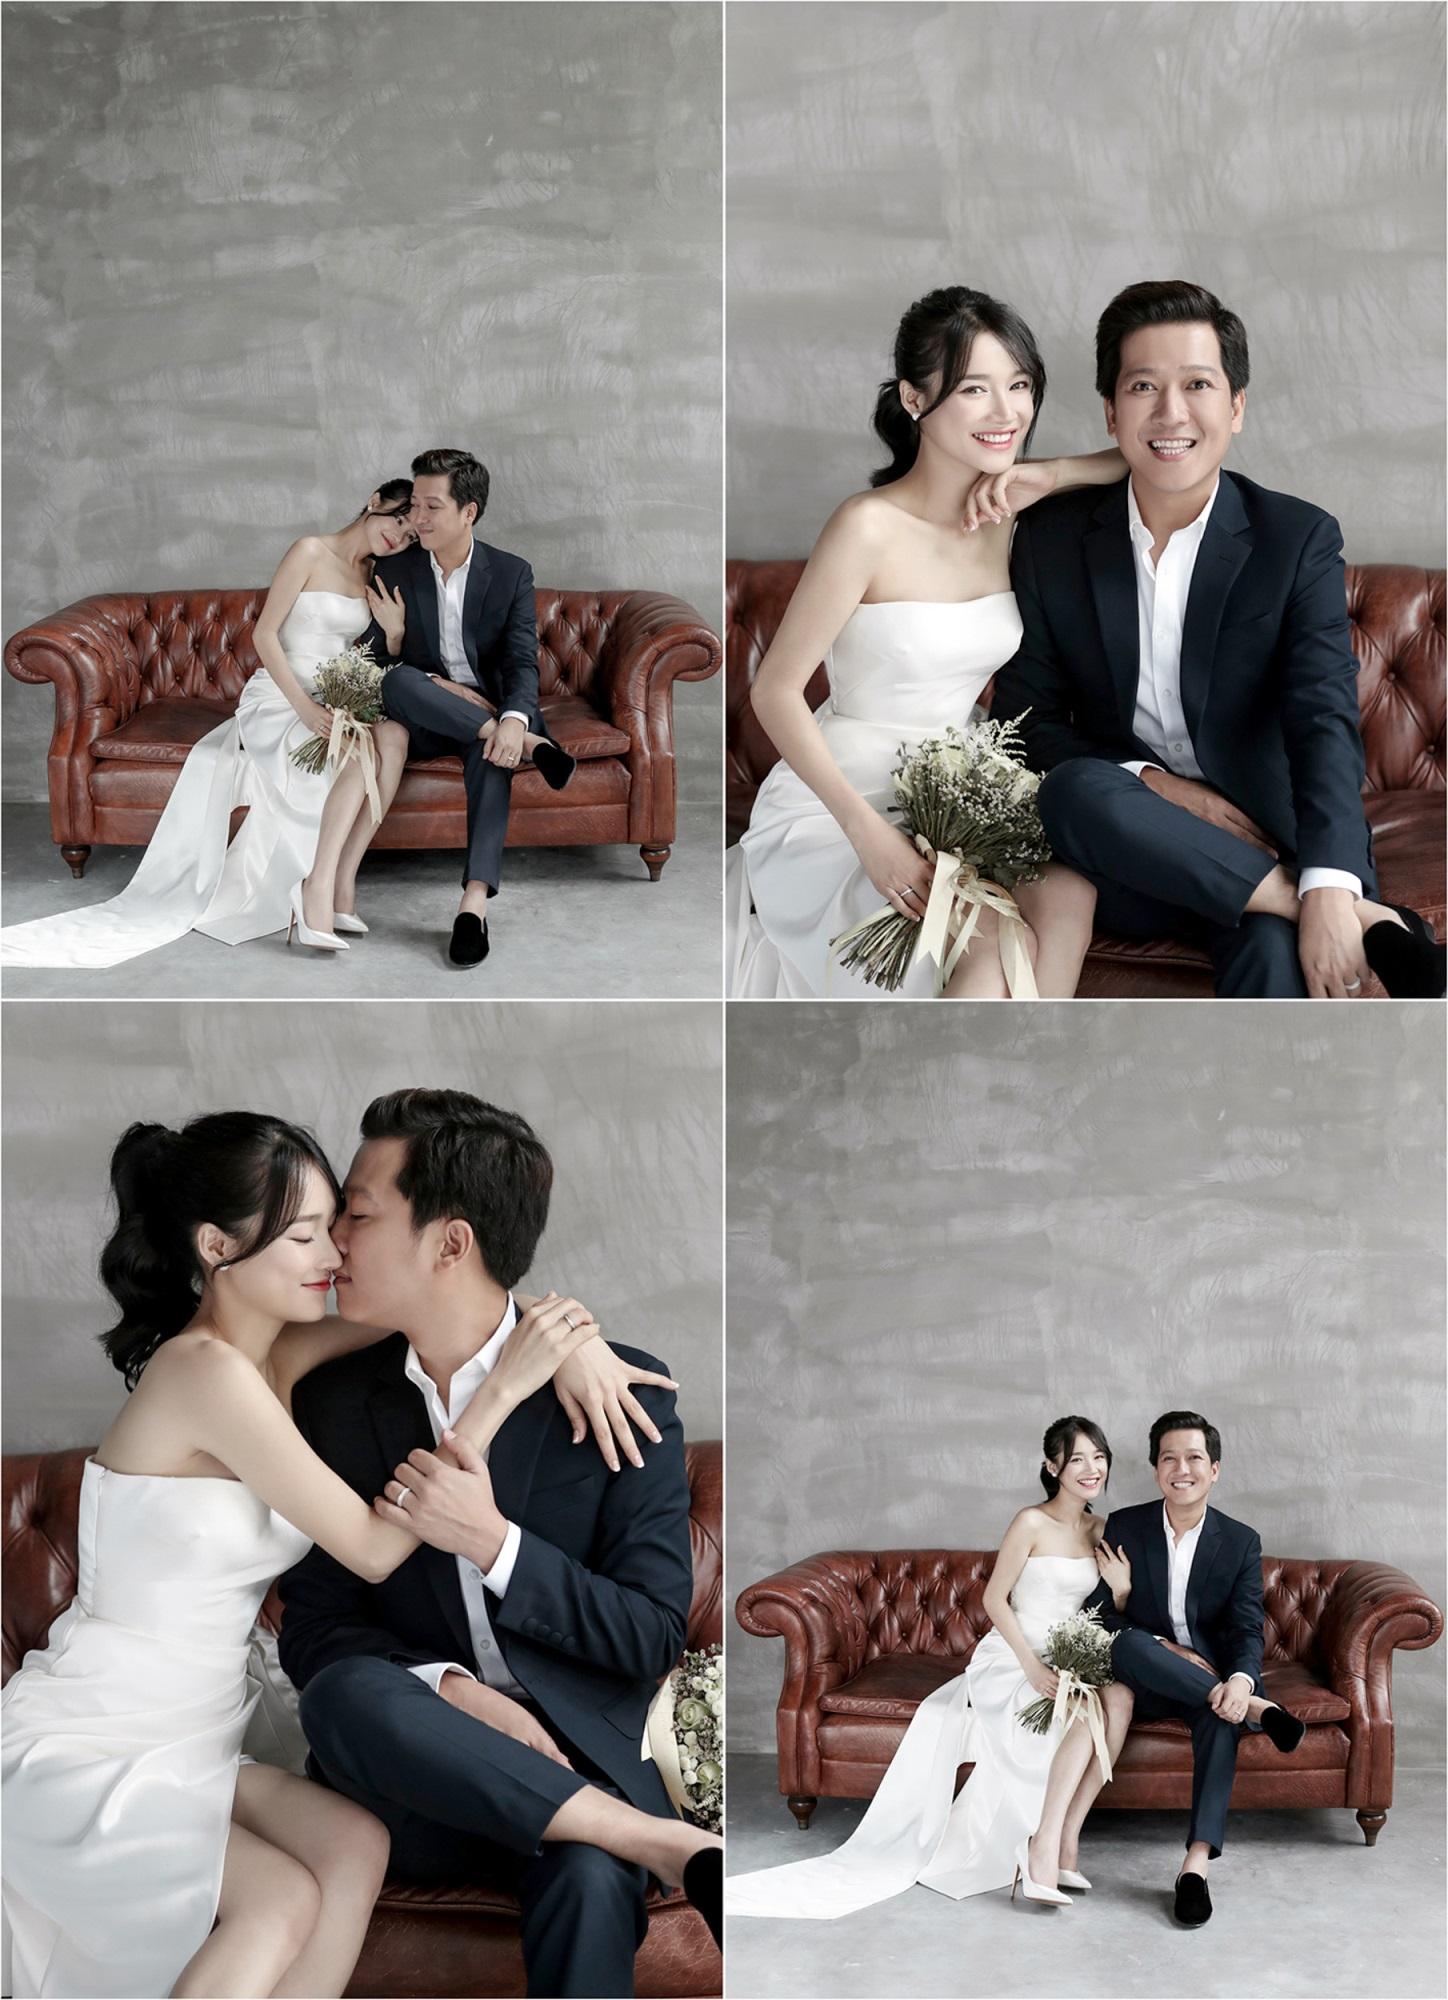 'Rụng tim' khi ngắm trọn bộ ảnh cưới đẹp như tranh vẽ của Trường Giang - Nhã Phương - Ảnh 10